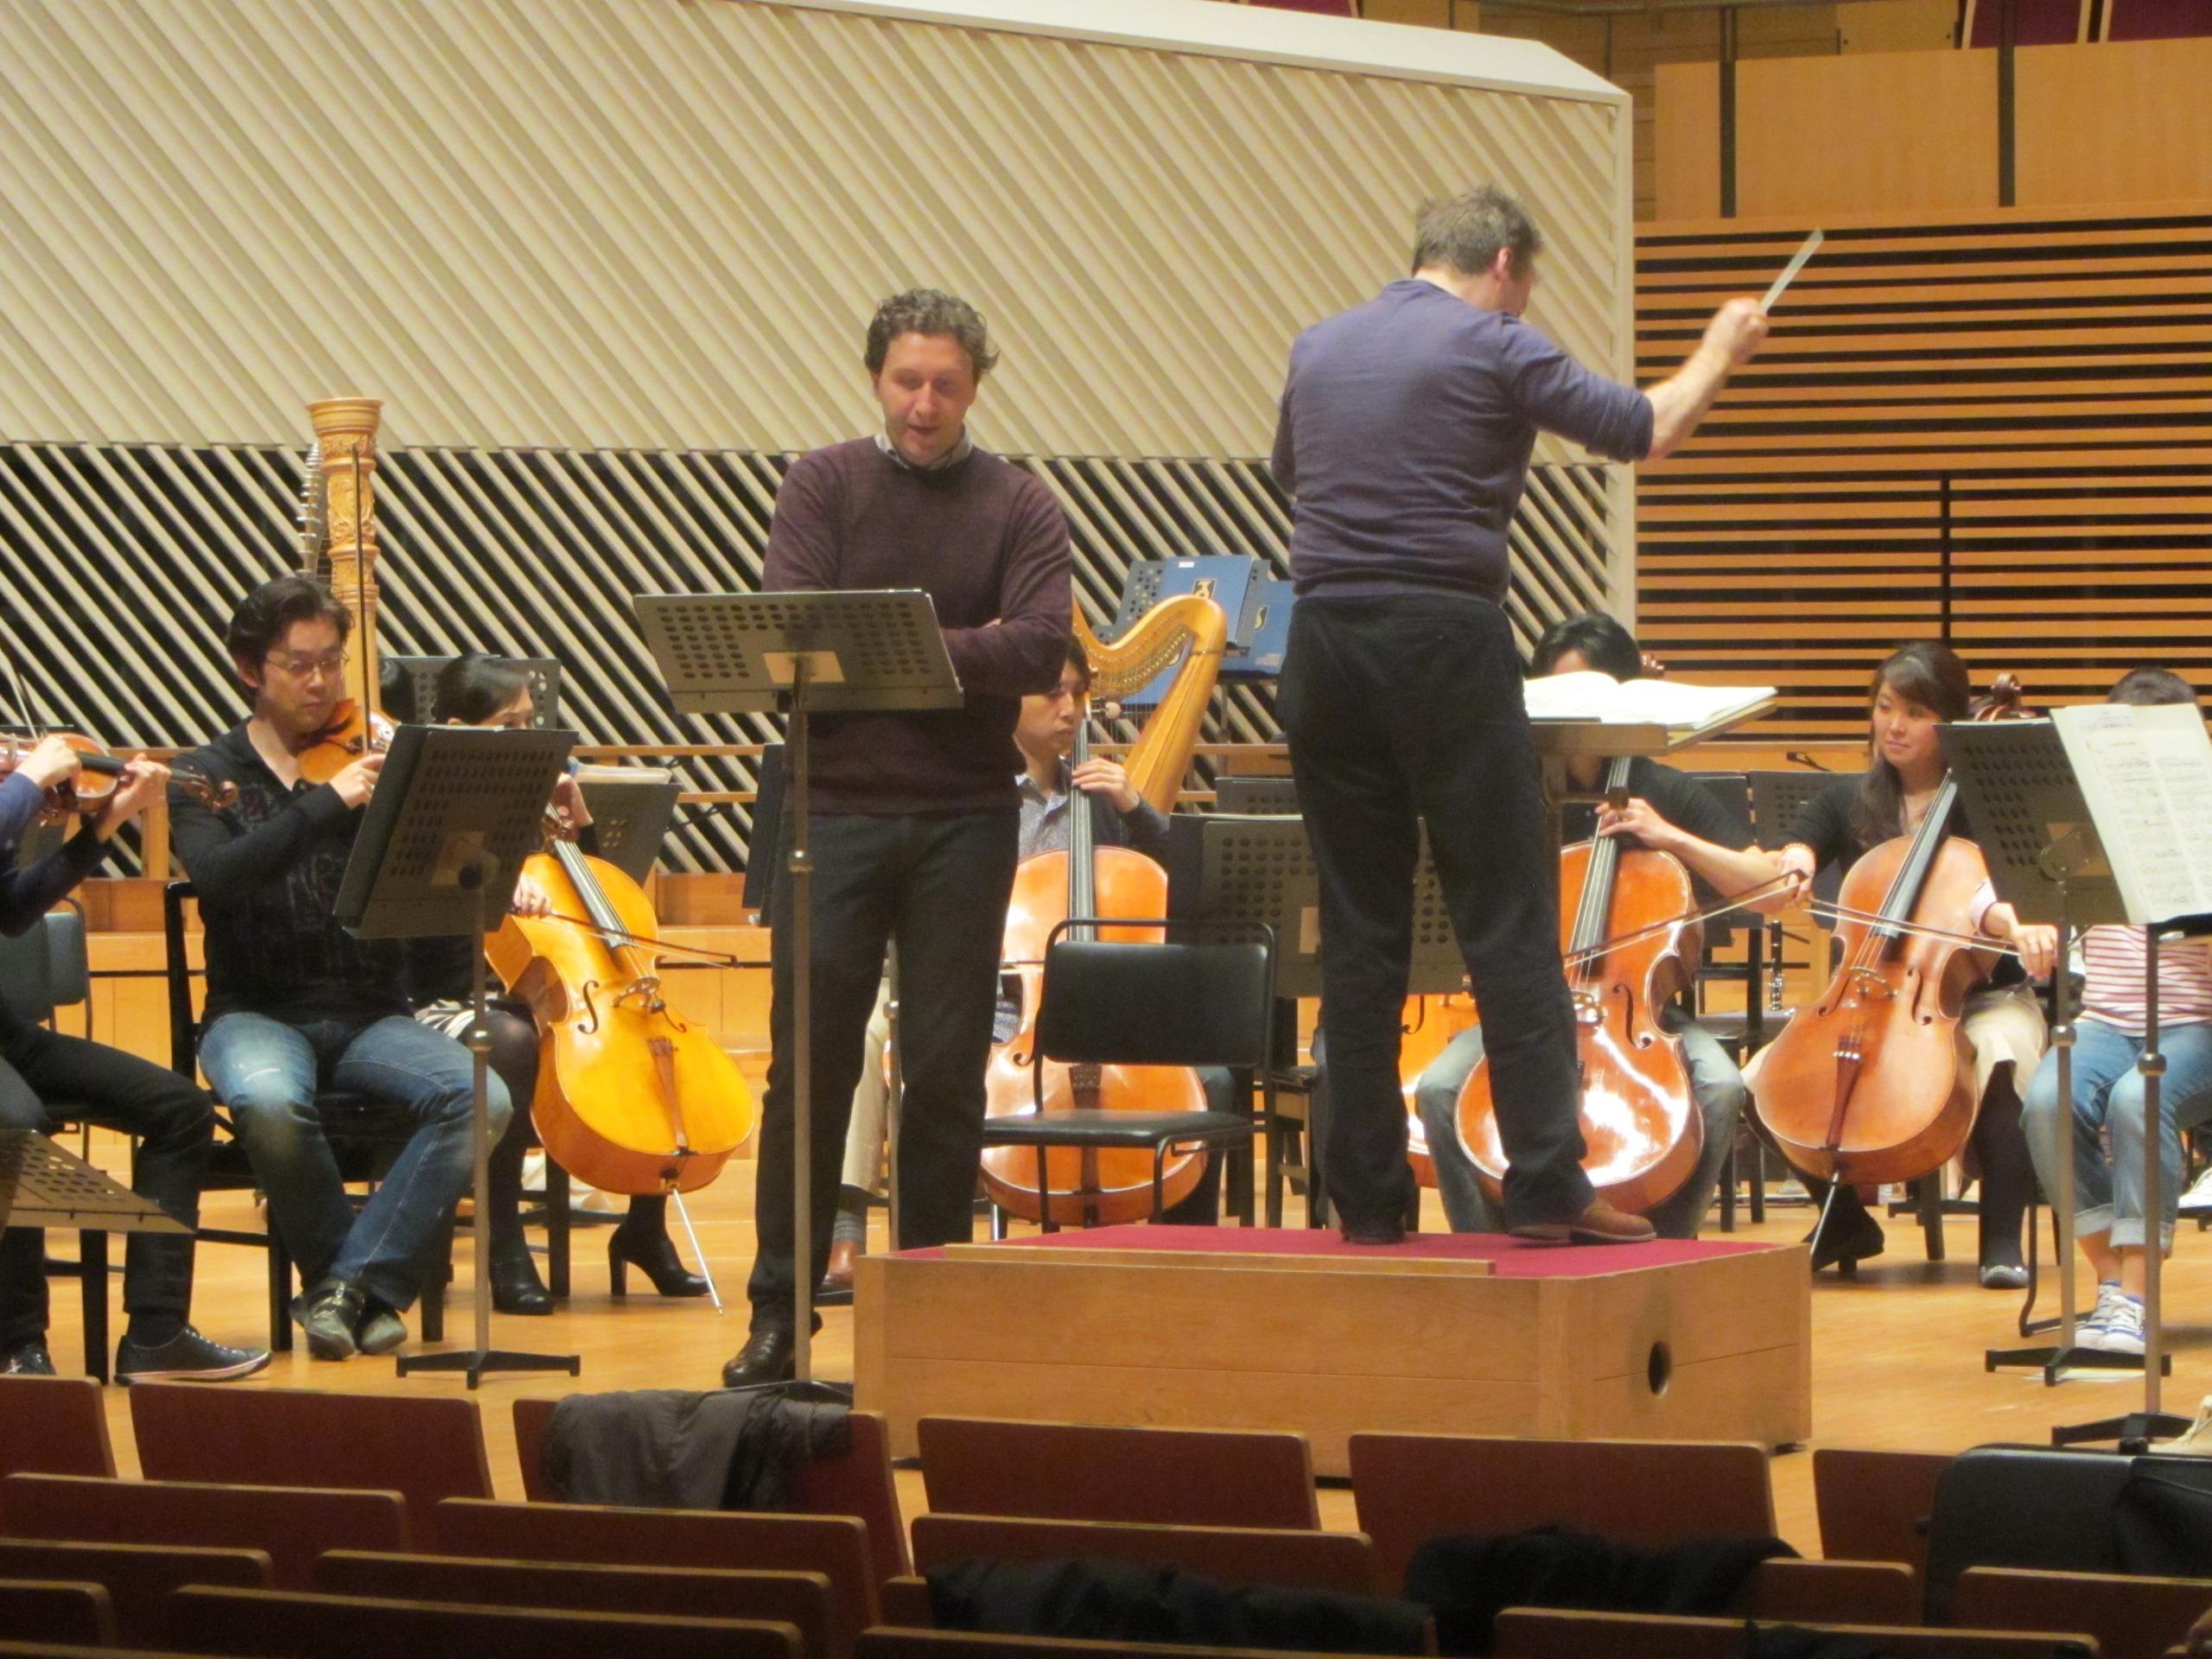 ストラジャナッツを交えて、精緻なリハーサルは進む 提供:東京交響楽団は